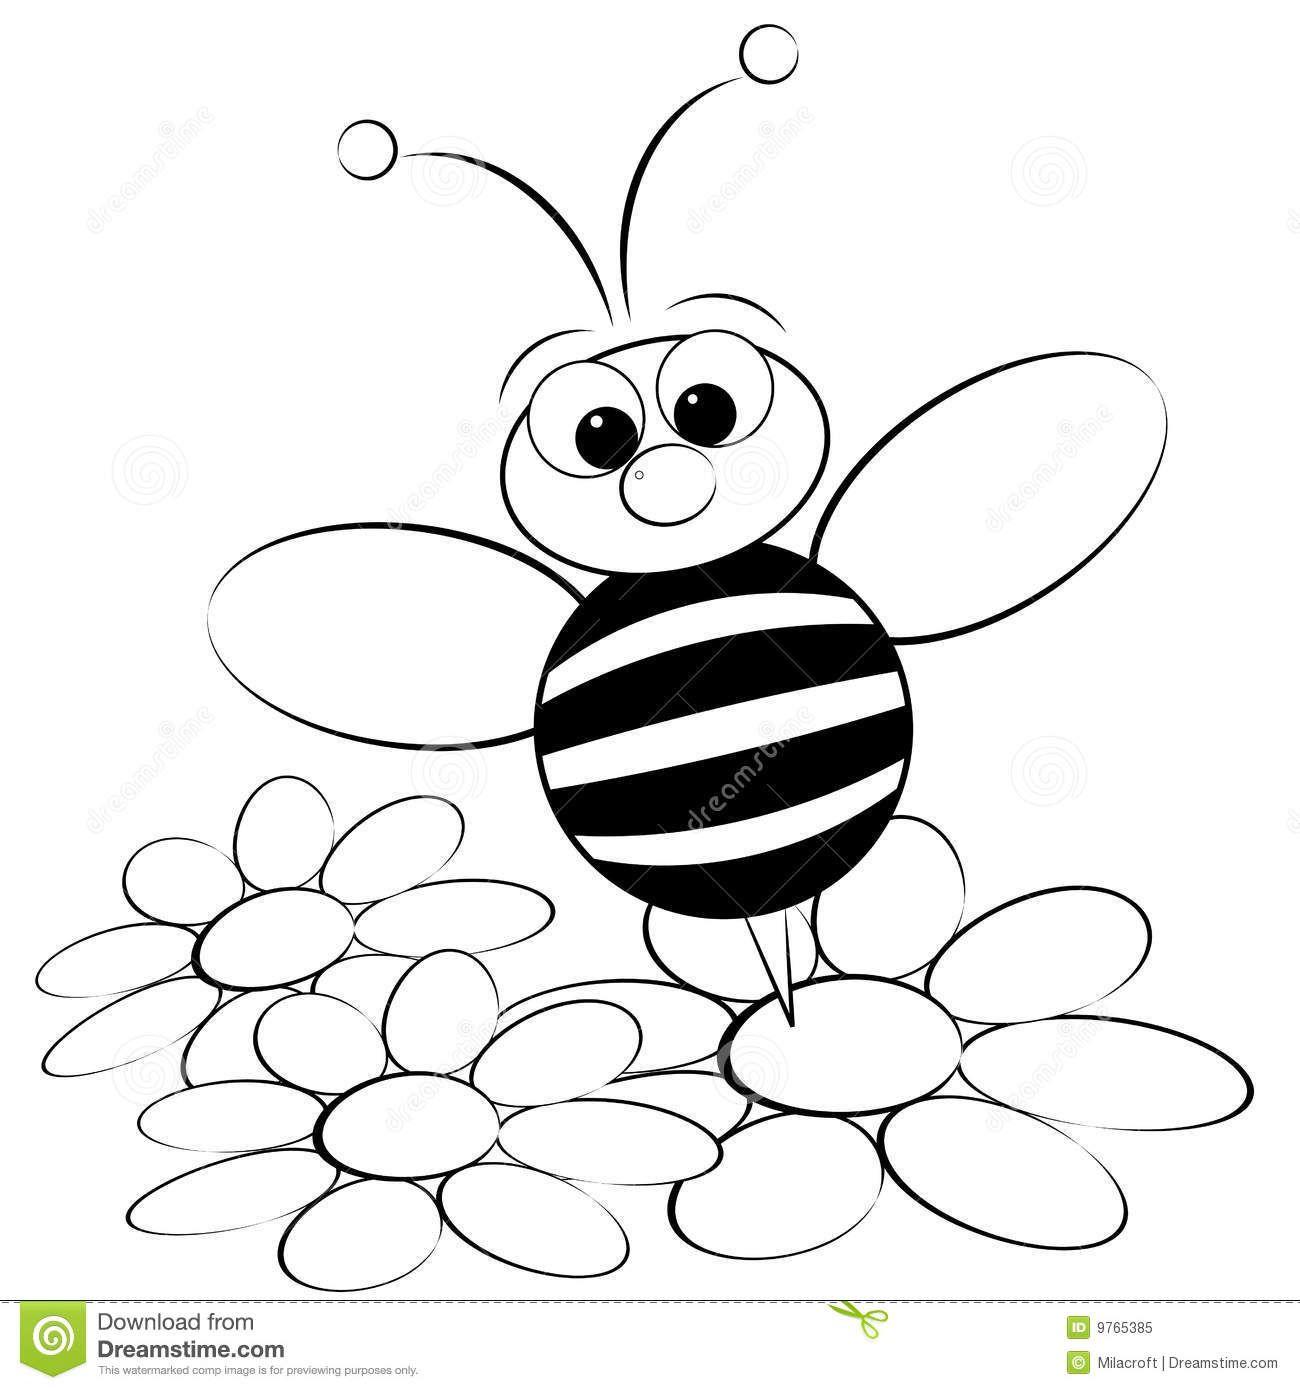 Kleurplaten Bij Google Zoeken Bee Coloring Pages Coloring Pages Bug Coloring Pages